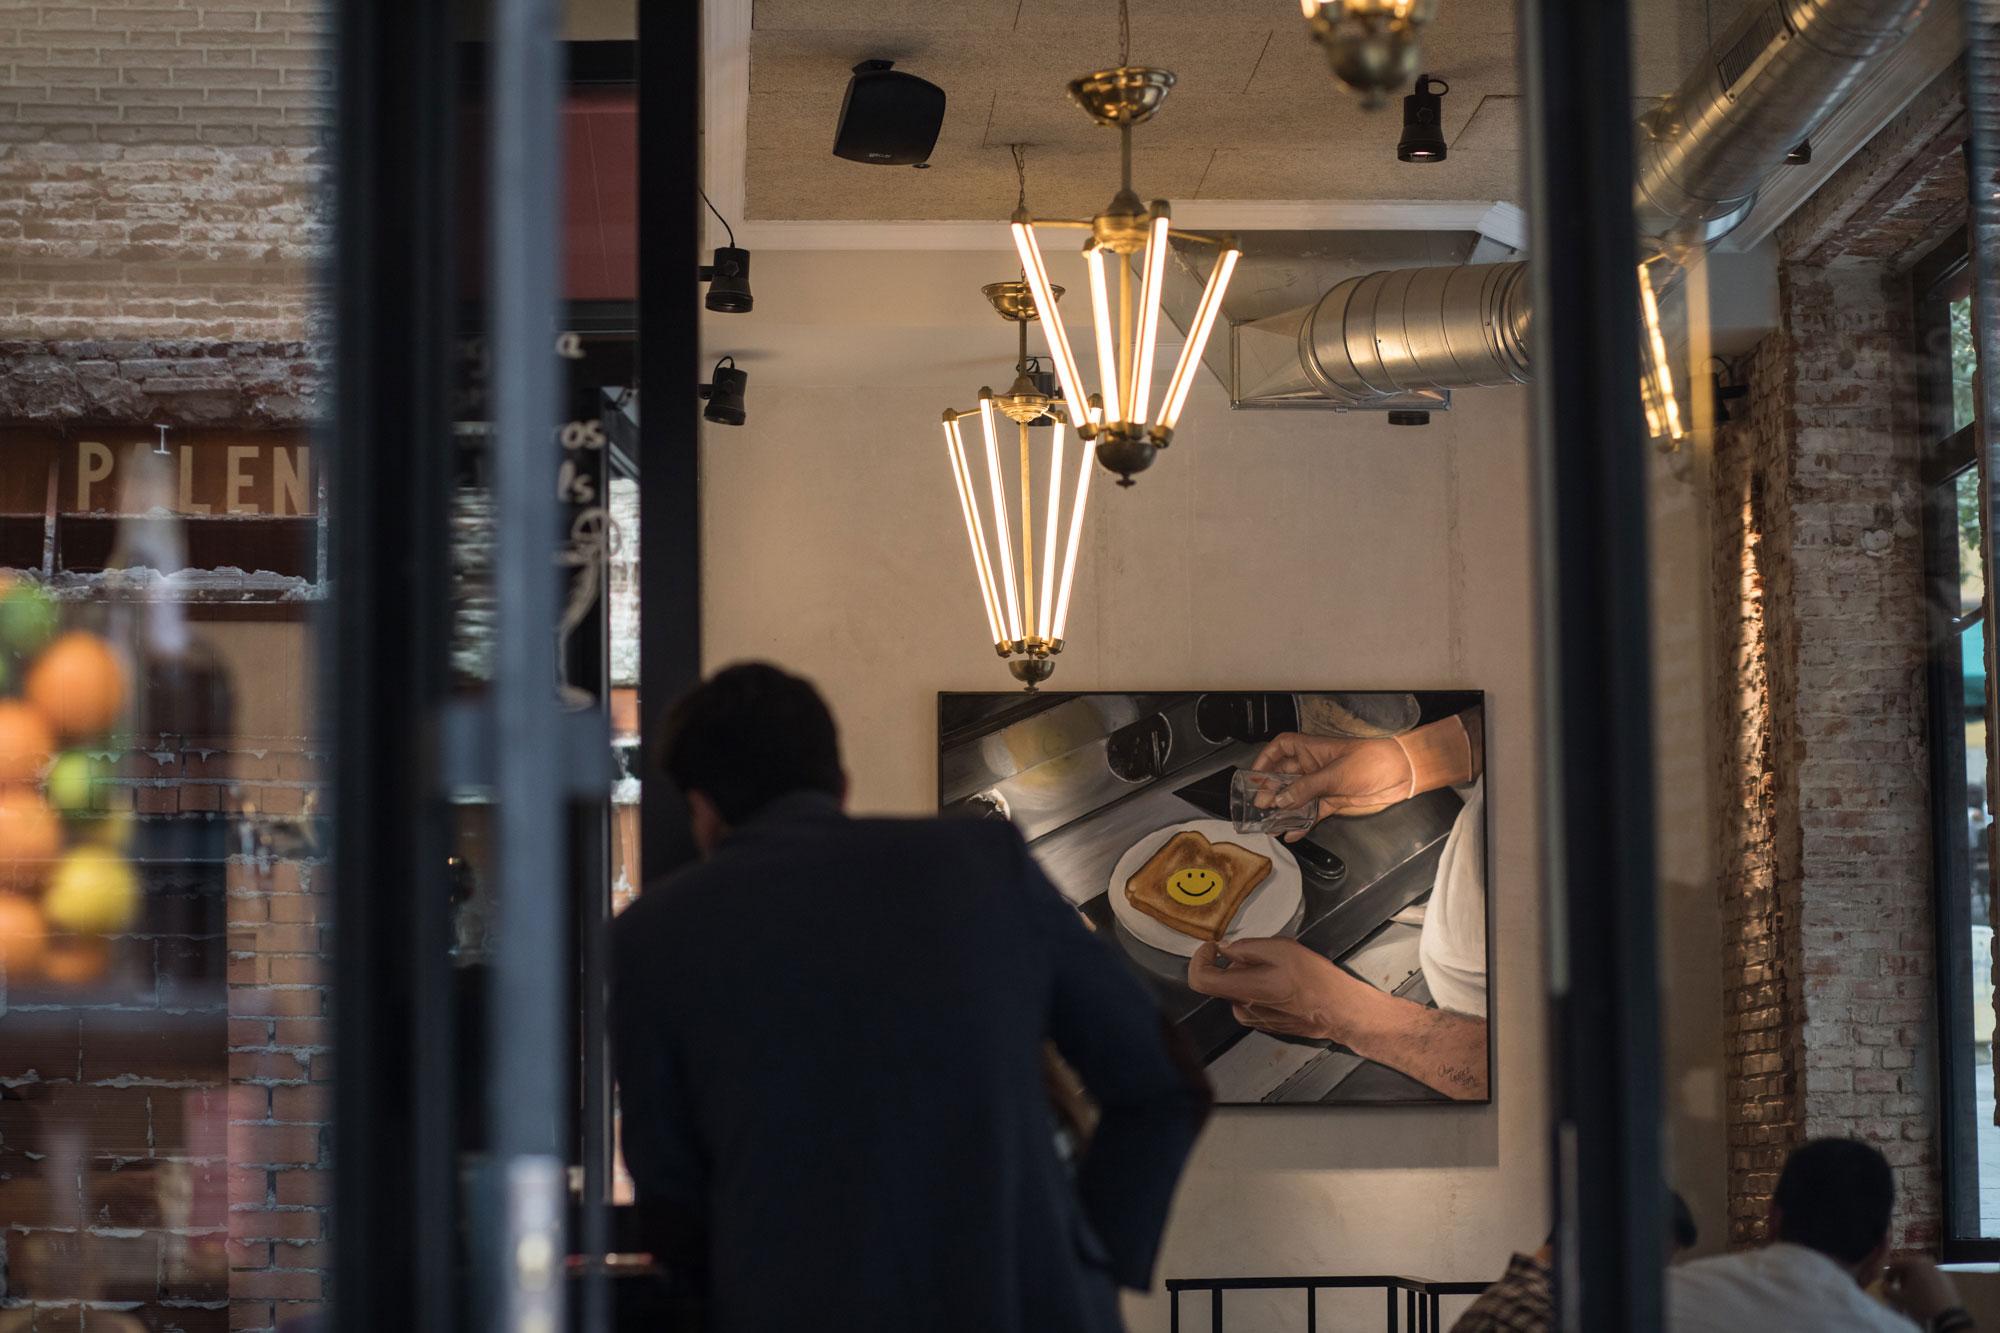 Las lámparas del bar Palentino.